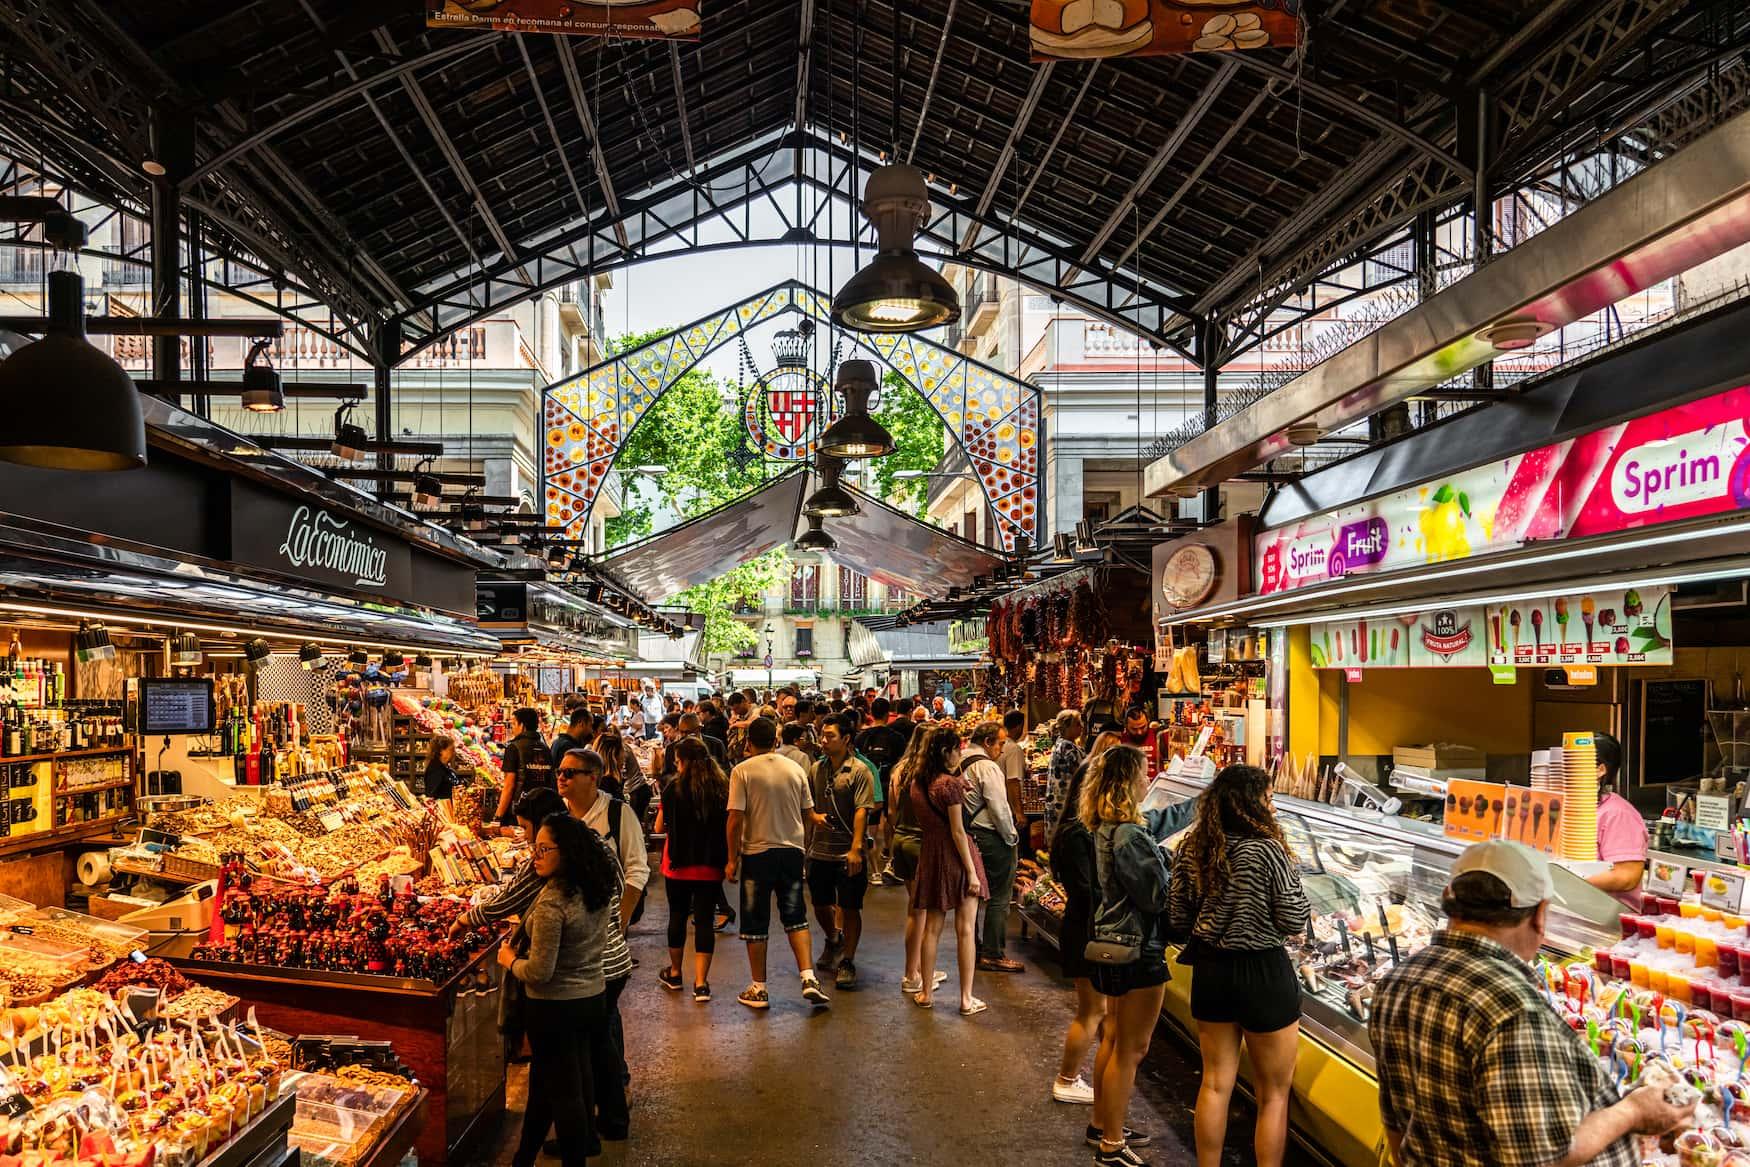 Menschen spazieren durch Markthalle in Barcelona